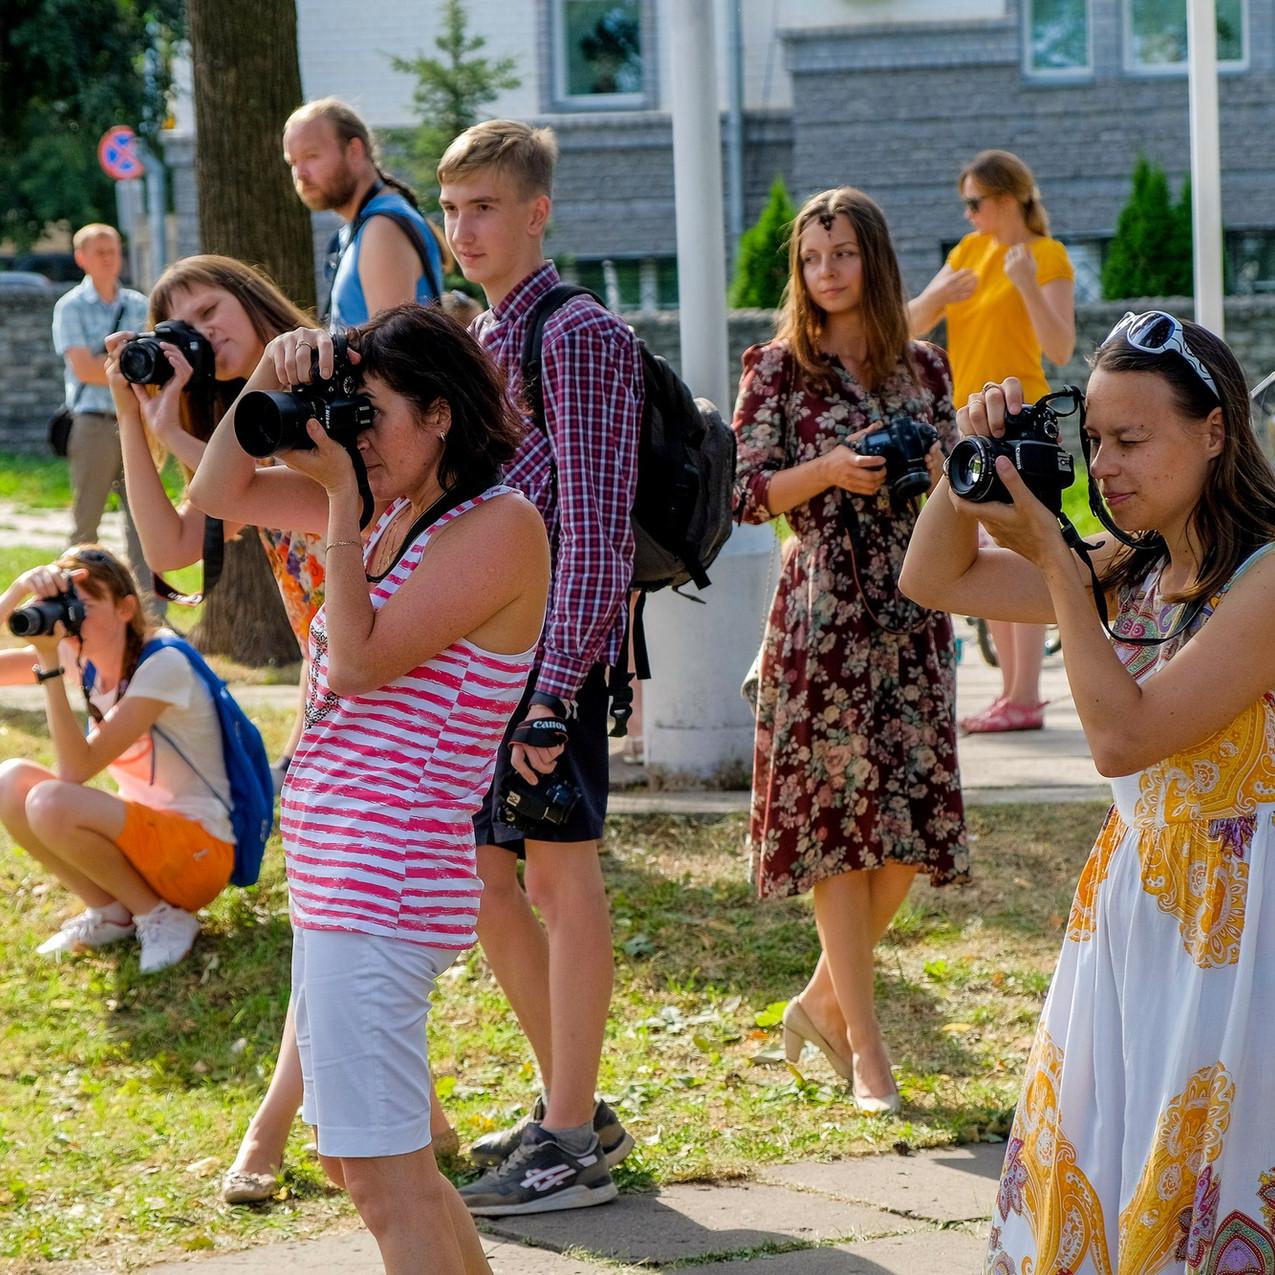 обучение фотографии в фотошколе